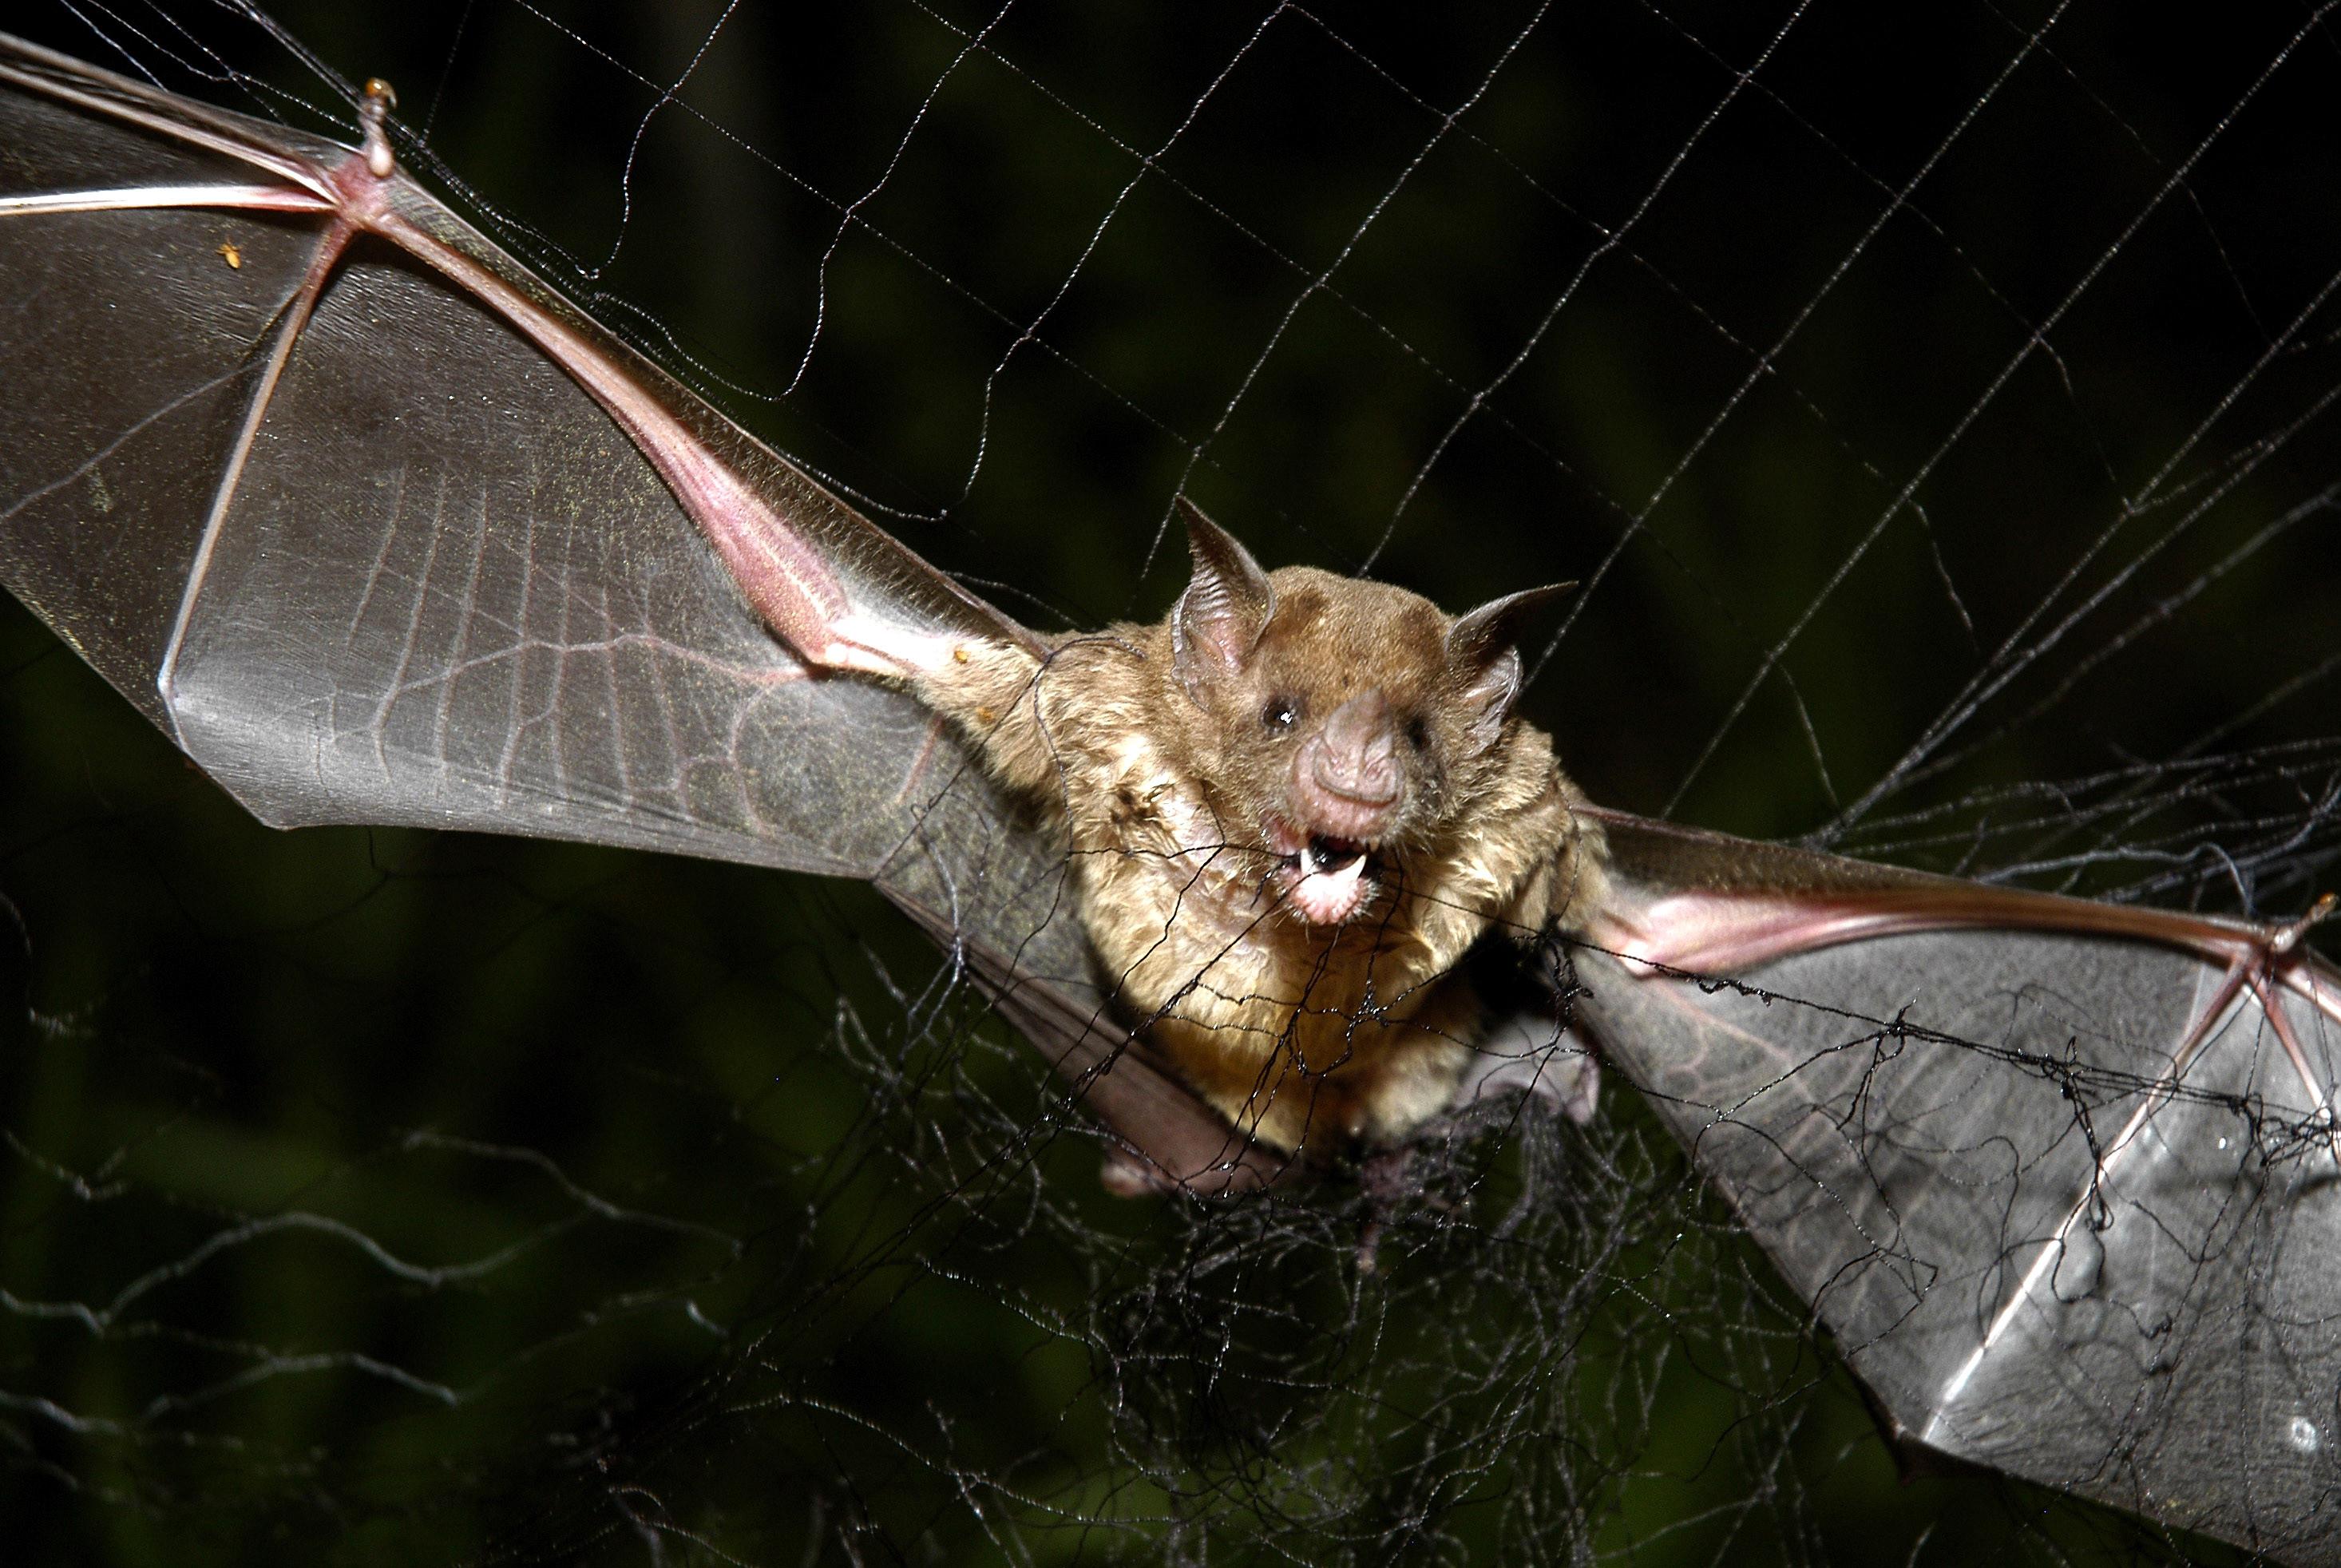 蝙蝠身上有至少200种新冠病毒洞穴还继续发展新病原体